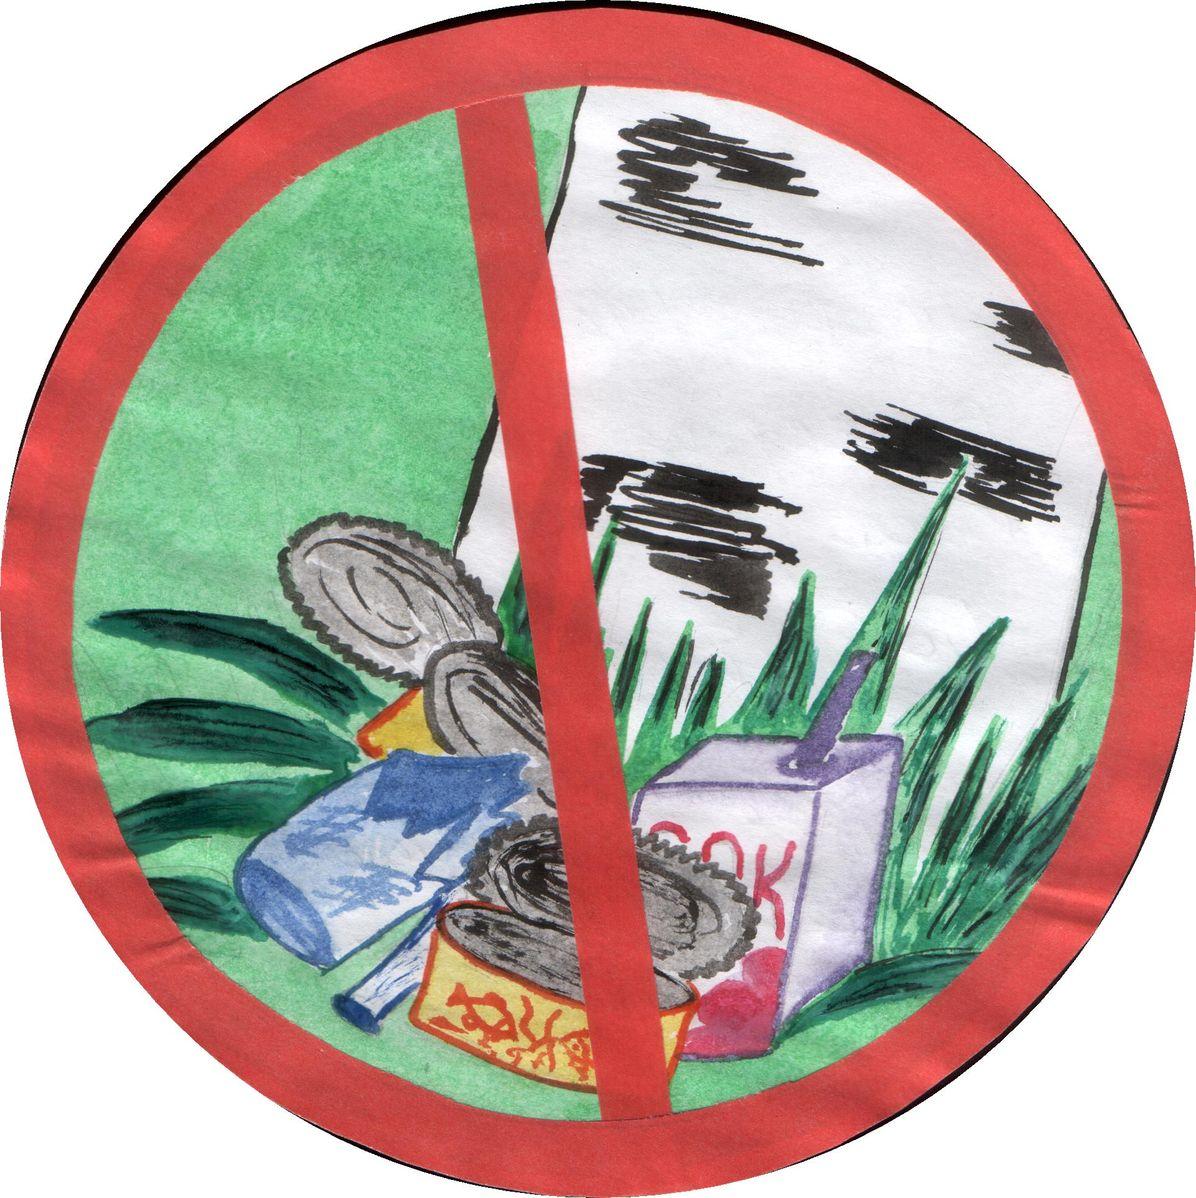 Картинки знаки по экологии